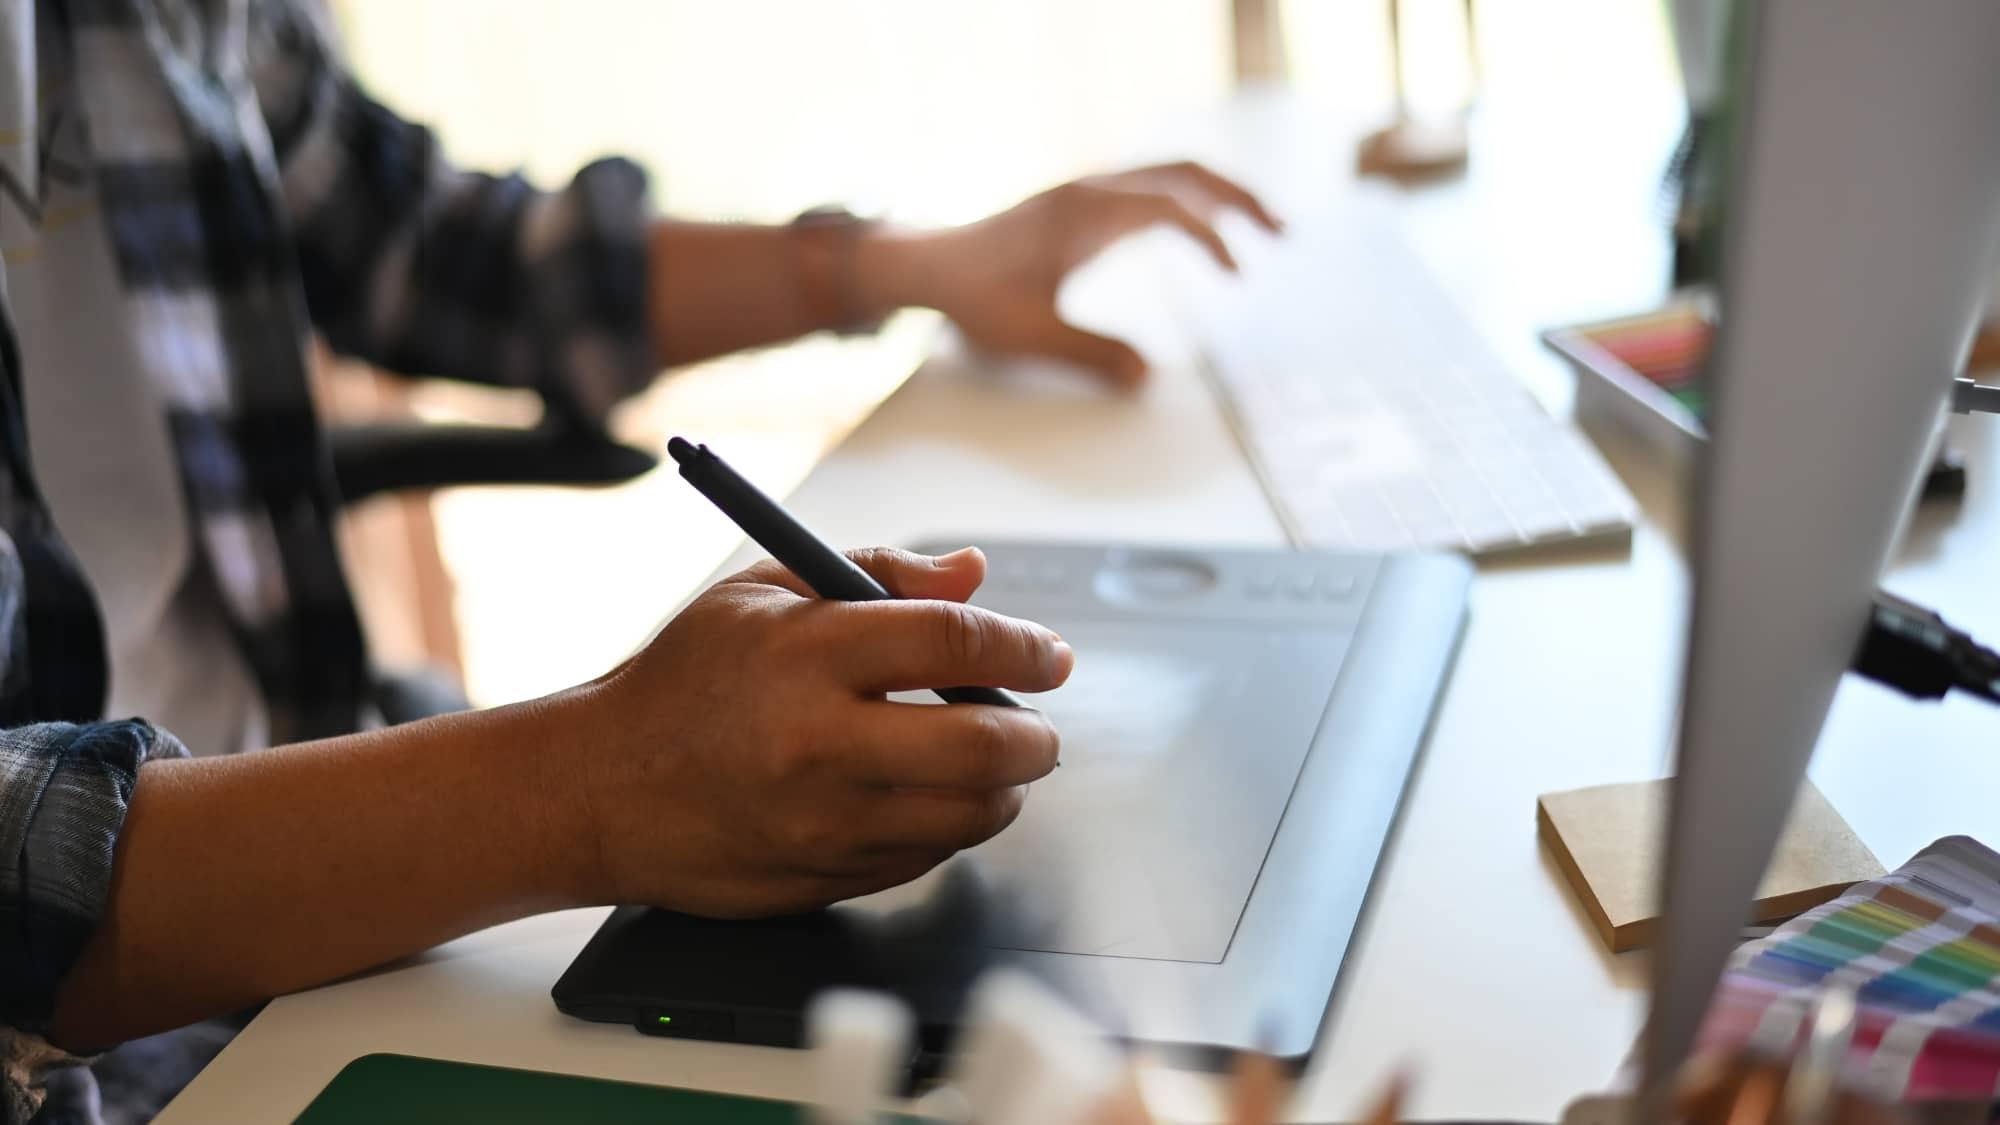 Pigiste masculin professionnel s'appuyant sur une tablette lors d'un nouveau projet